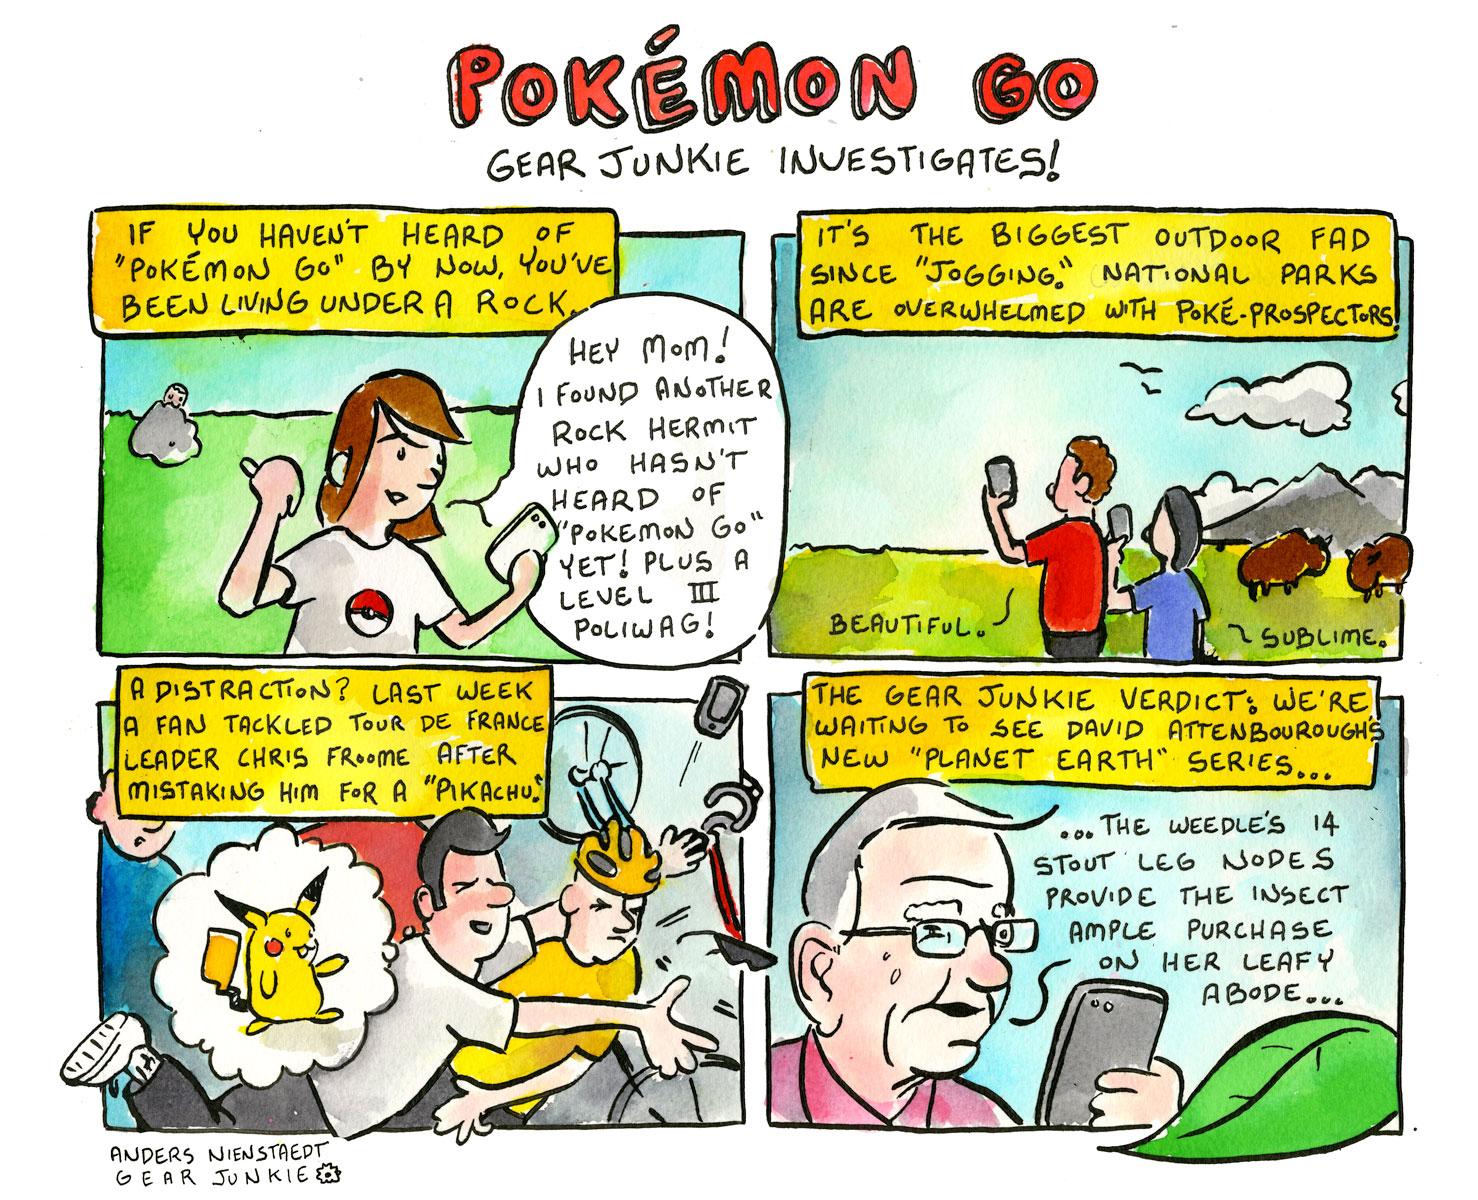 PokemonGo 2